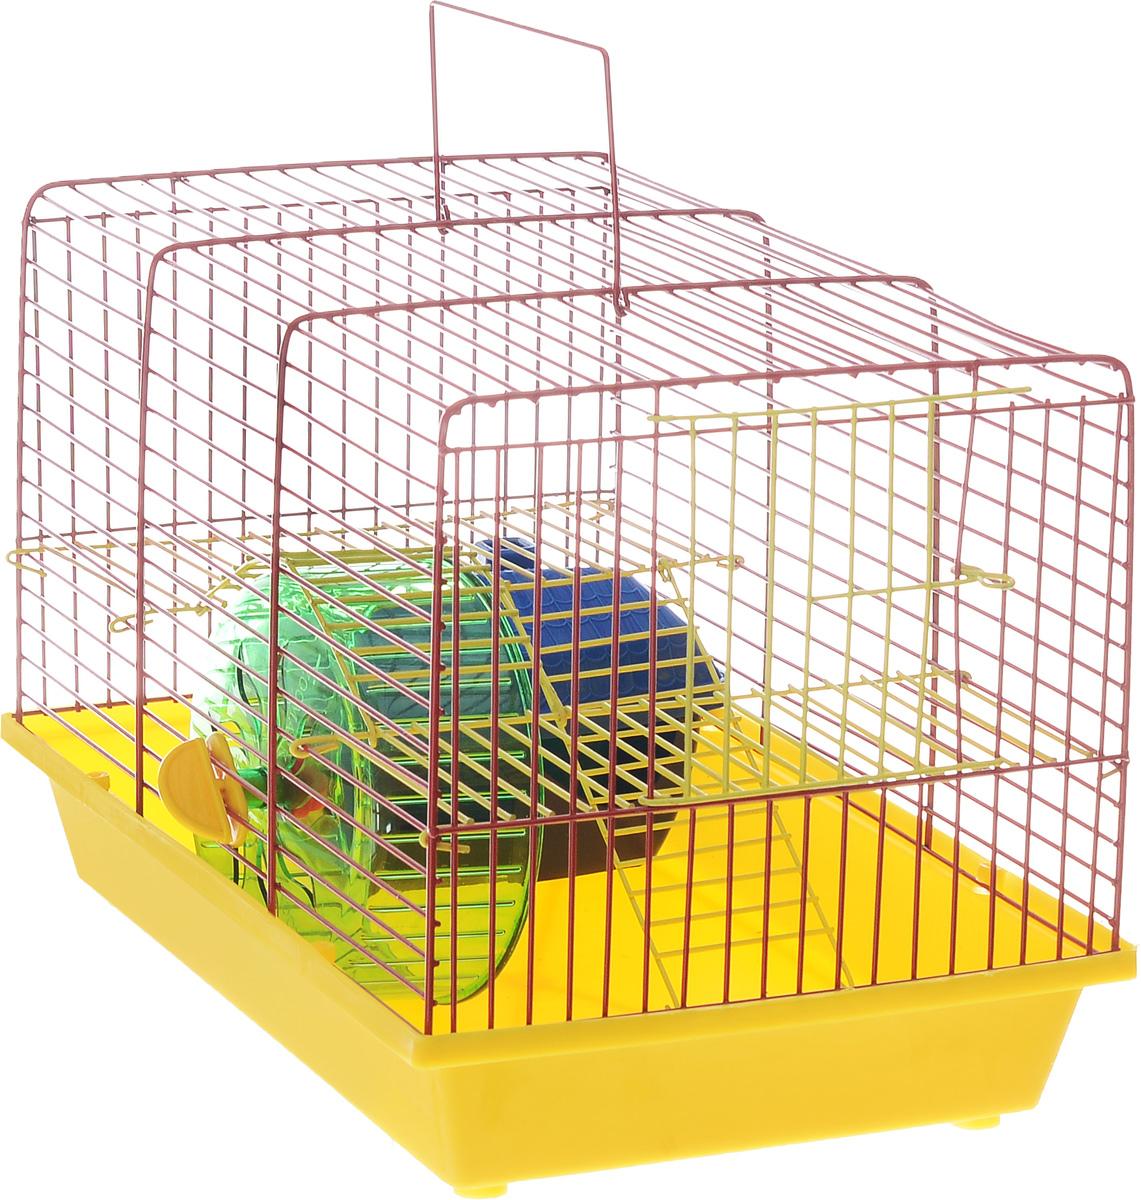 Клетка для грызунов Зоомарк Венеция, 2-этажная, цвет: желтый поддон, красная решетка, 36 х 23 х 24 см0120710Клетка Зоомарк Венеция, выполненная из полипропилена и металла, подходит для мелких грызунов. Изделие двухэтажное, оборудовано колесом для подвижных игр и пластиковым домиком. Клетка имеет яркий поддон, удобна в использовании и легко чистится. Сверху имеется ручка для переноски. Такая клетка станет уединенным личным пространством и уютным домиком для маленького грызуна.